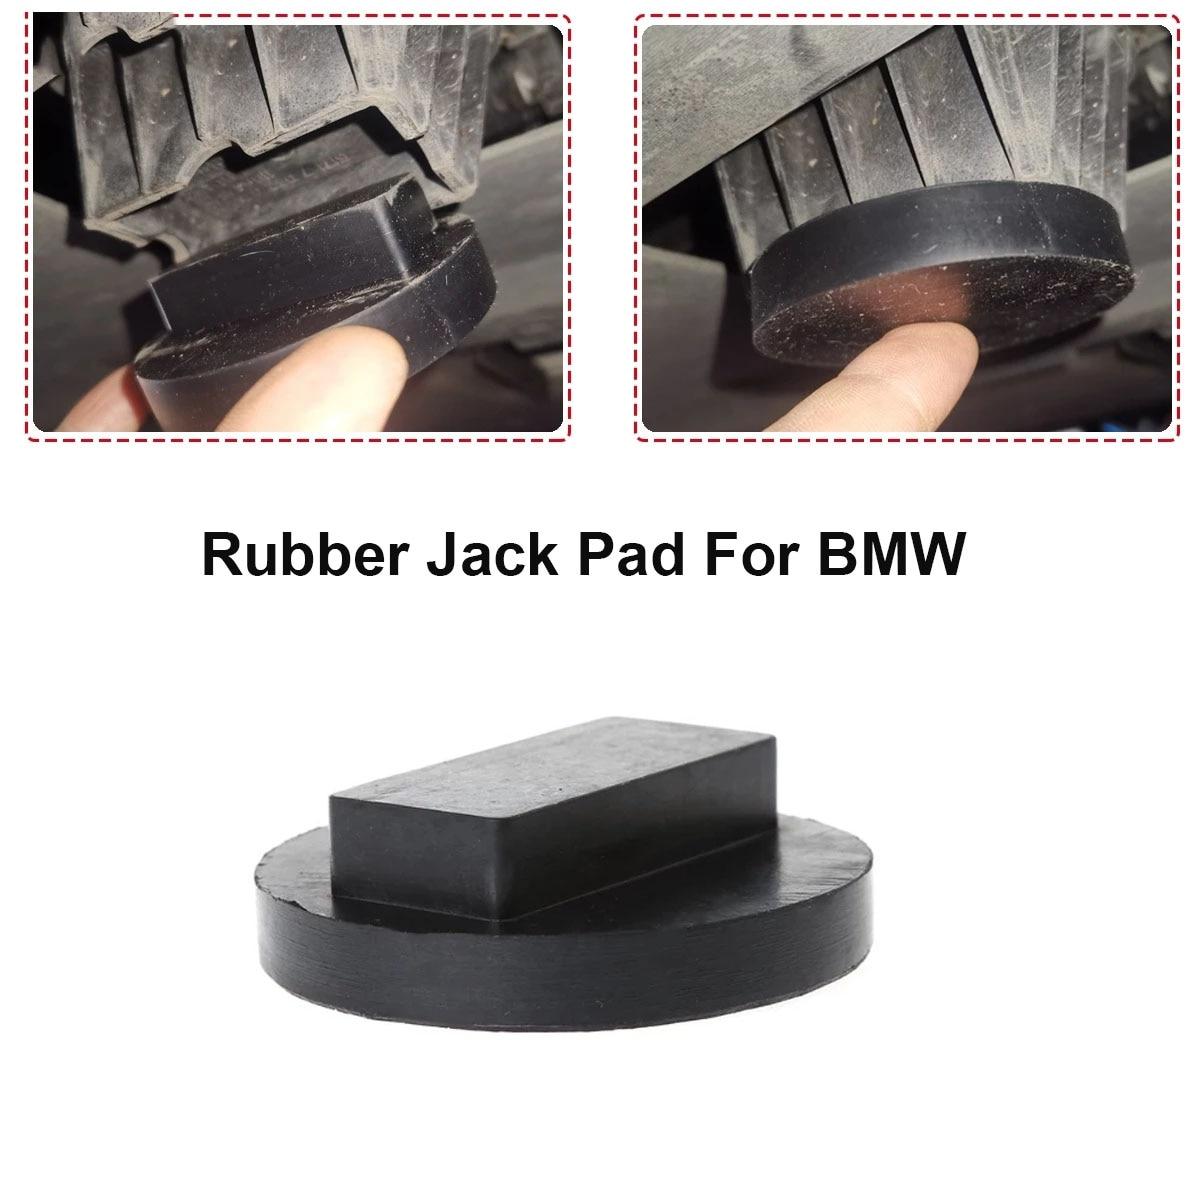 Резиновый переходник для подъемника для BMW 3 4 5 серии E46 E90 E39 E60 E91 E92 X1 X3 X5 X6 Z4 Z8 1M M3 M5 M6 F01 F02 F30 F10